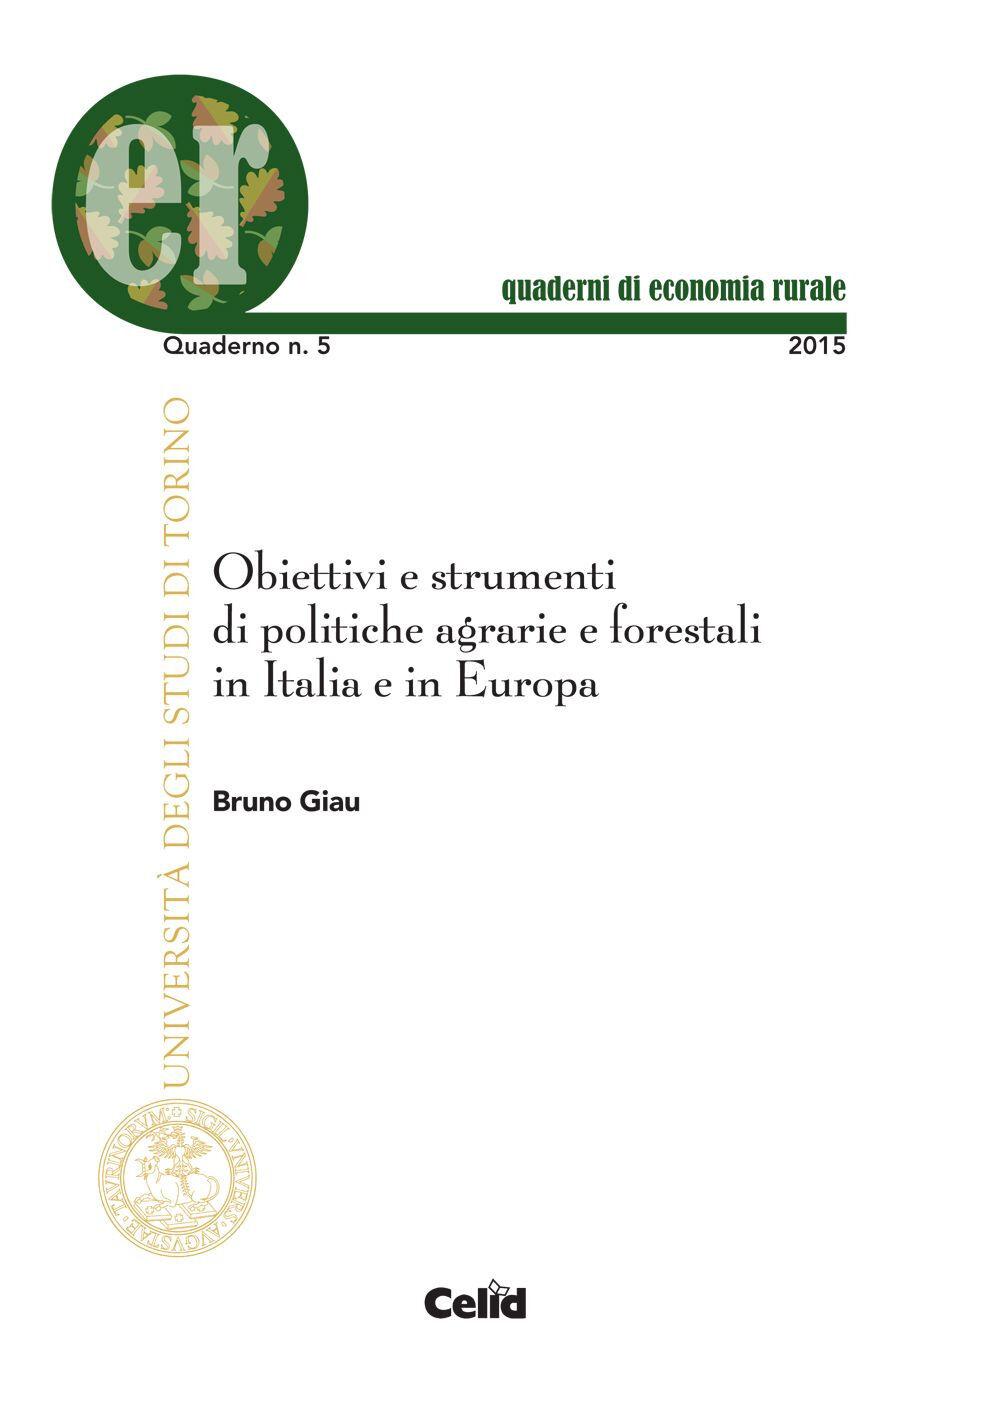 Obiettivi e strumenti di politiche agrarie e forestali in Italia e in Europa